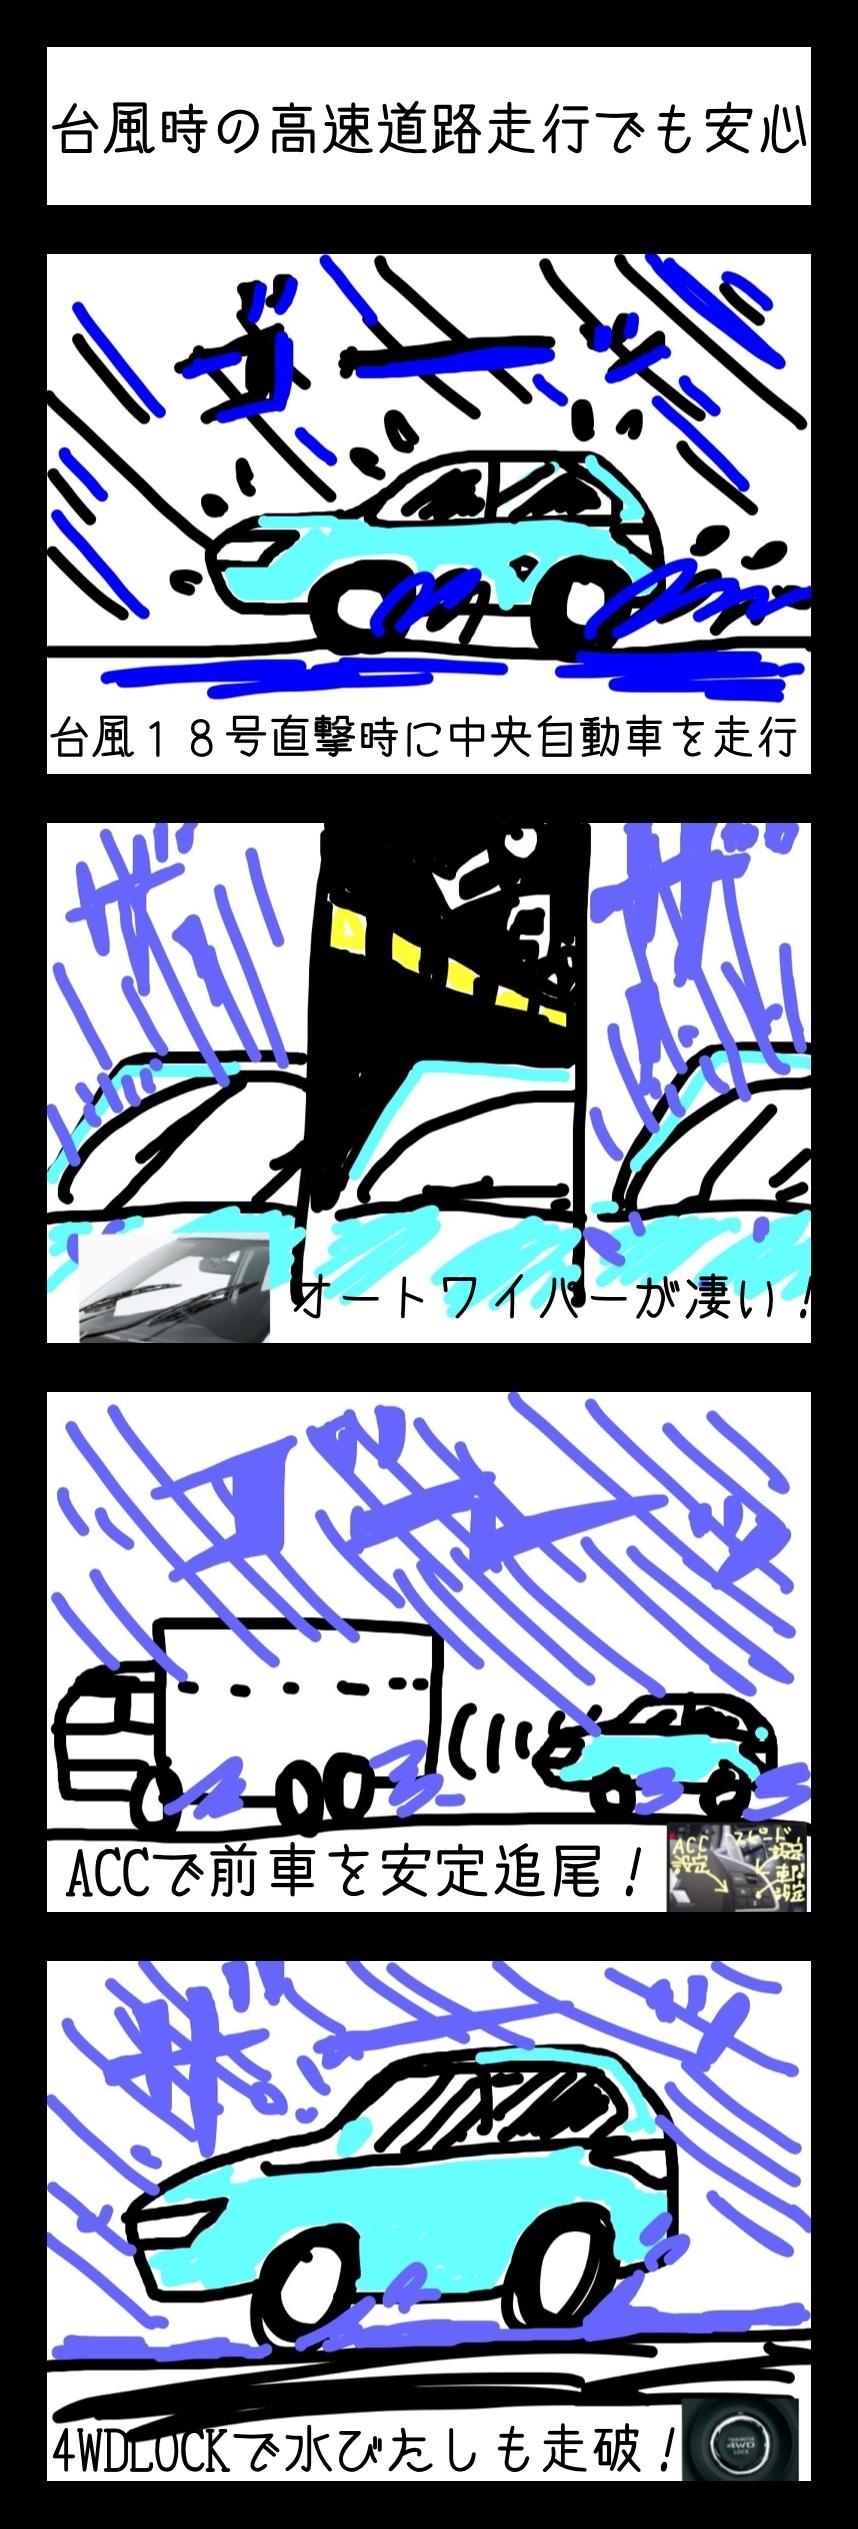 アウトランダーPHEV in台風18号